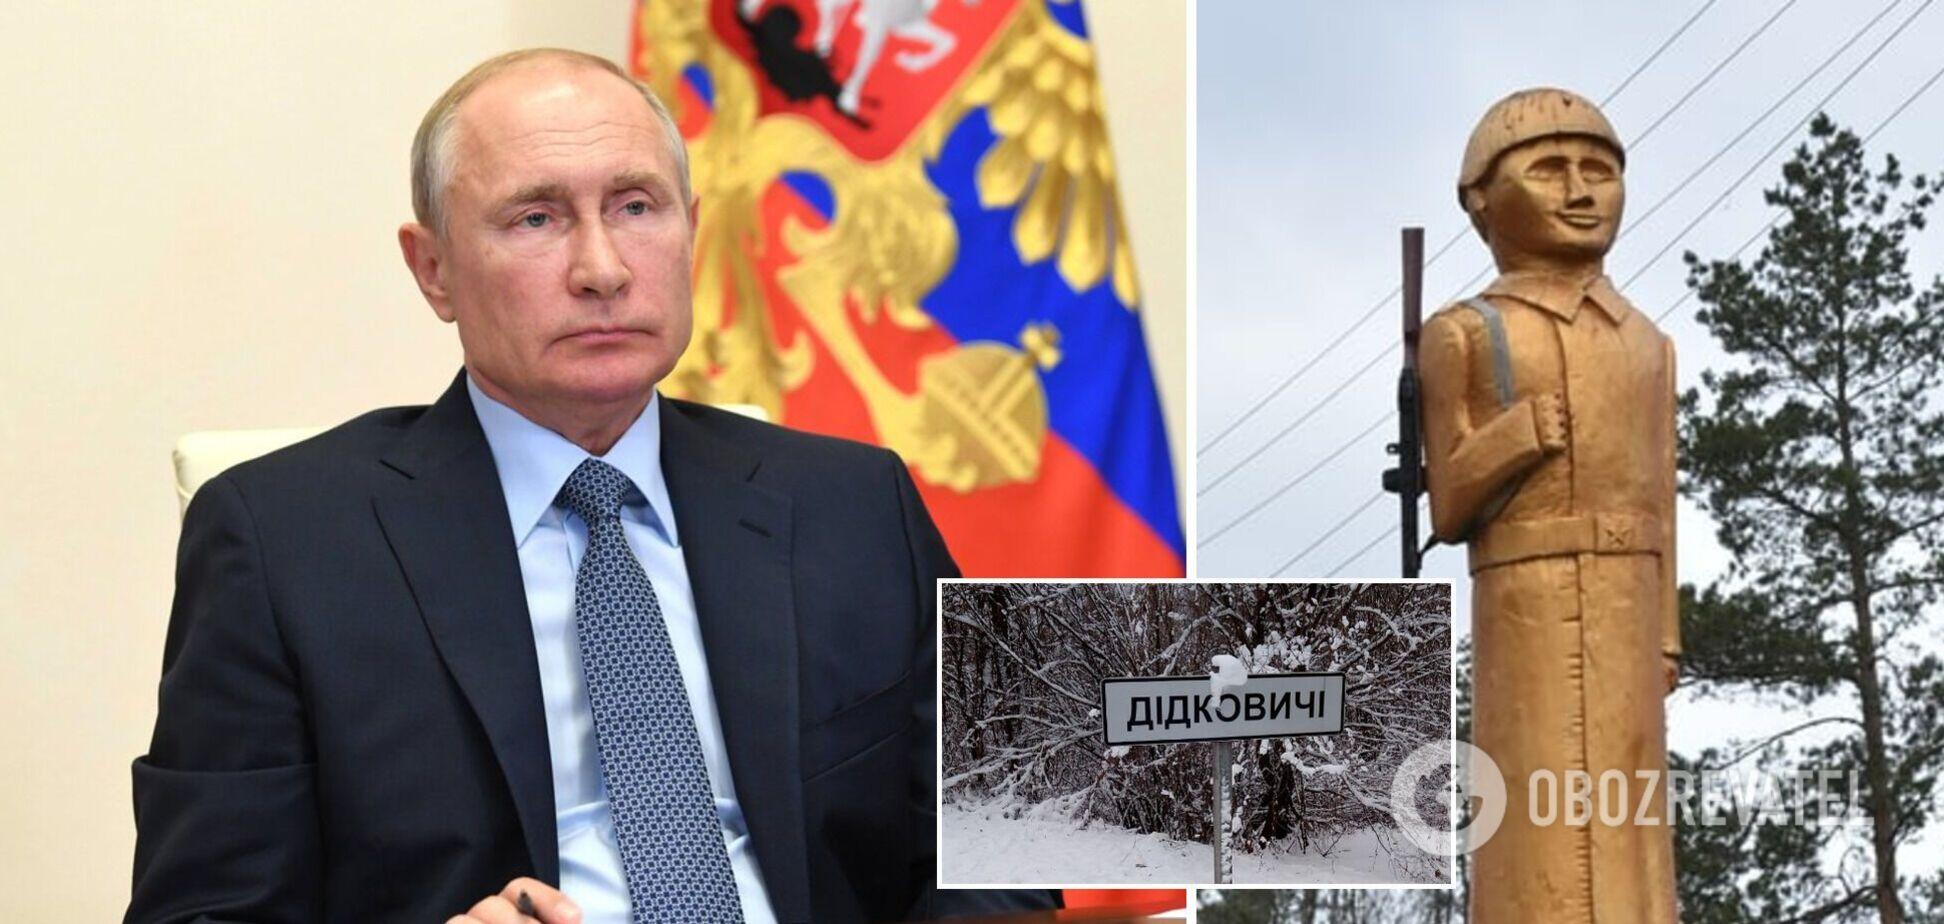 На Житомирщині розгорівся скандал через пам'ятник солдату, який схожий на Путіна. Фото